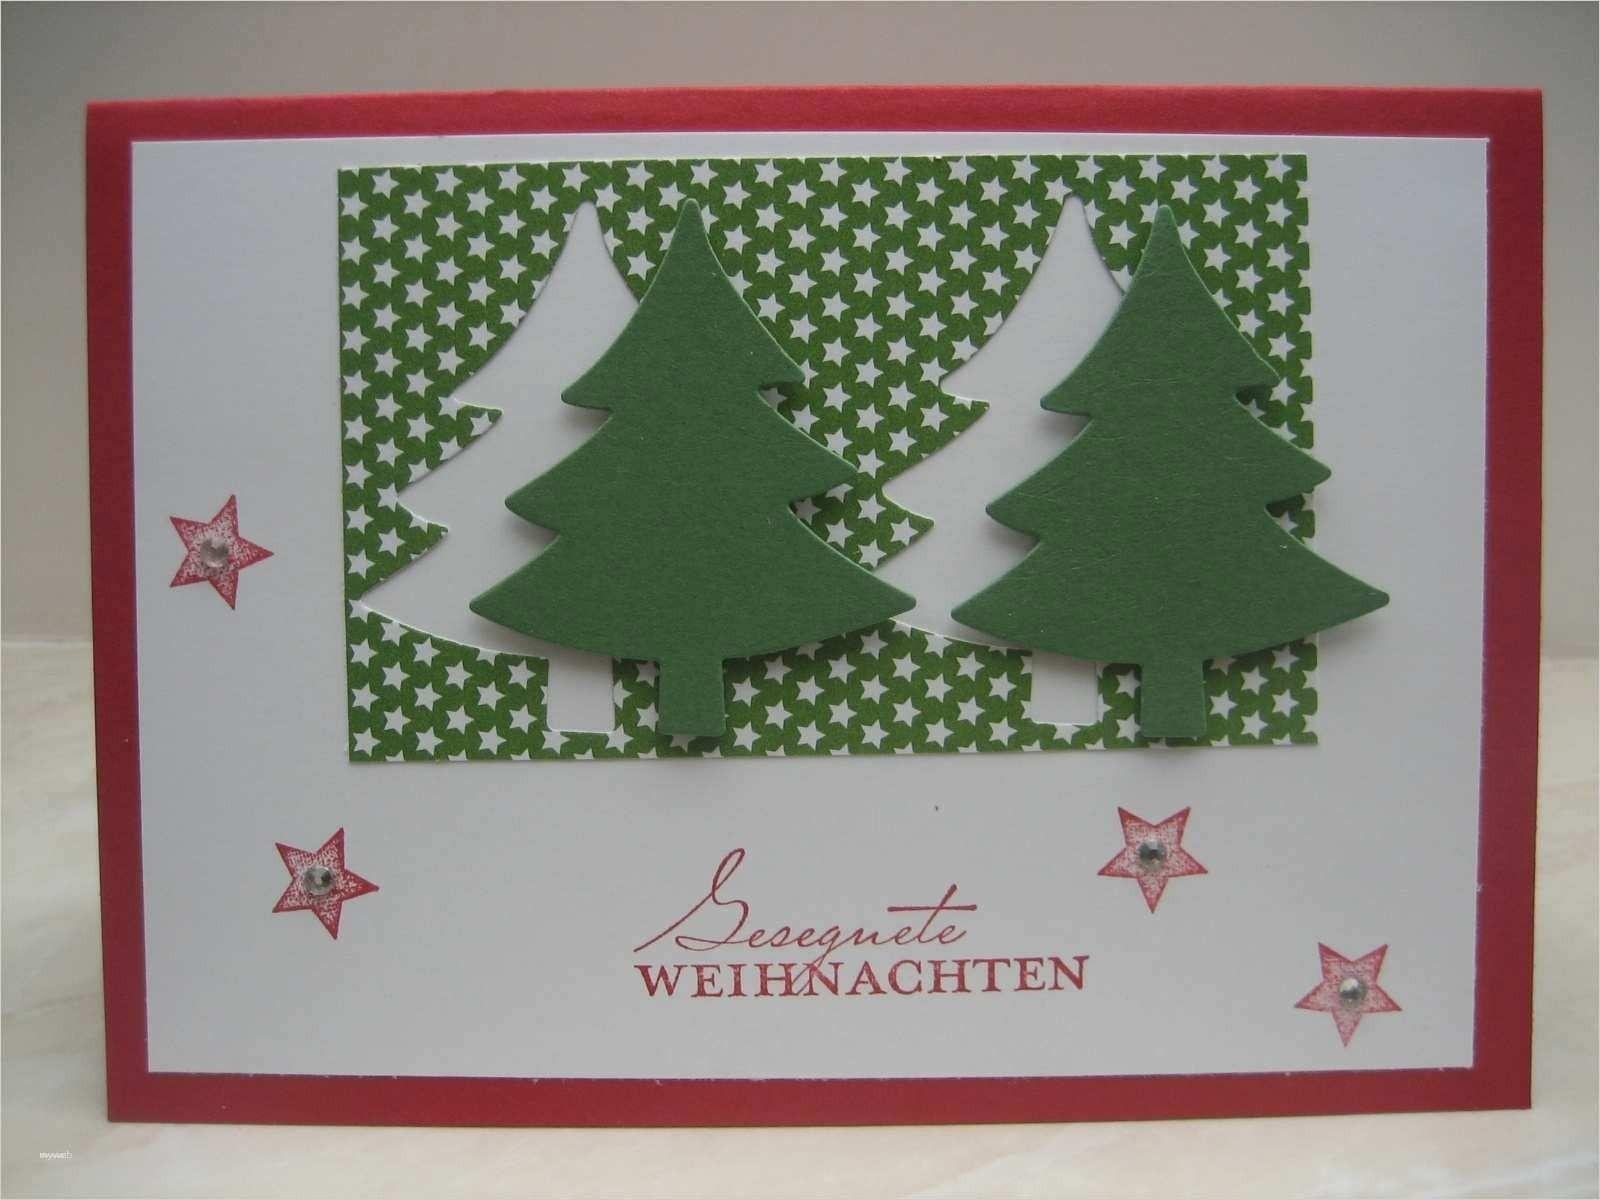 weihnachtskarten selber basteln vorlagen kostenlos recoverfro